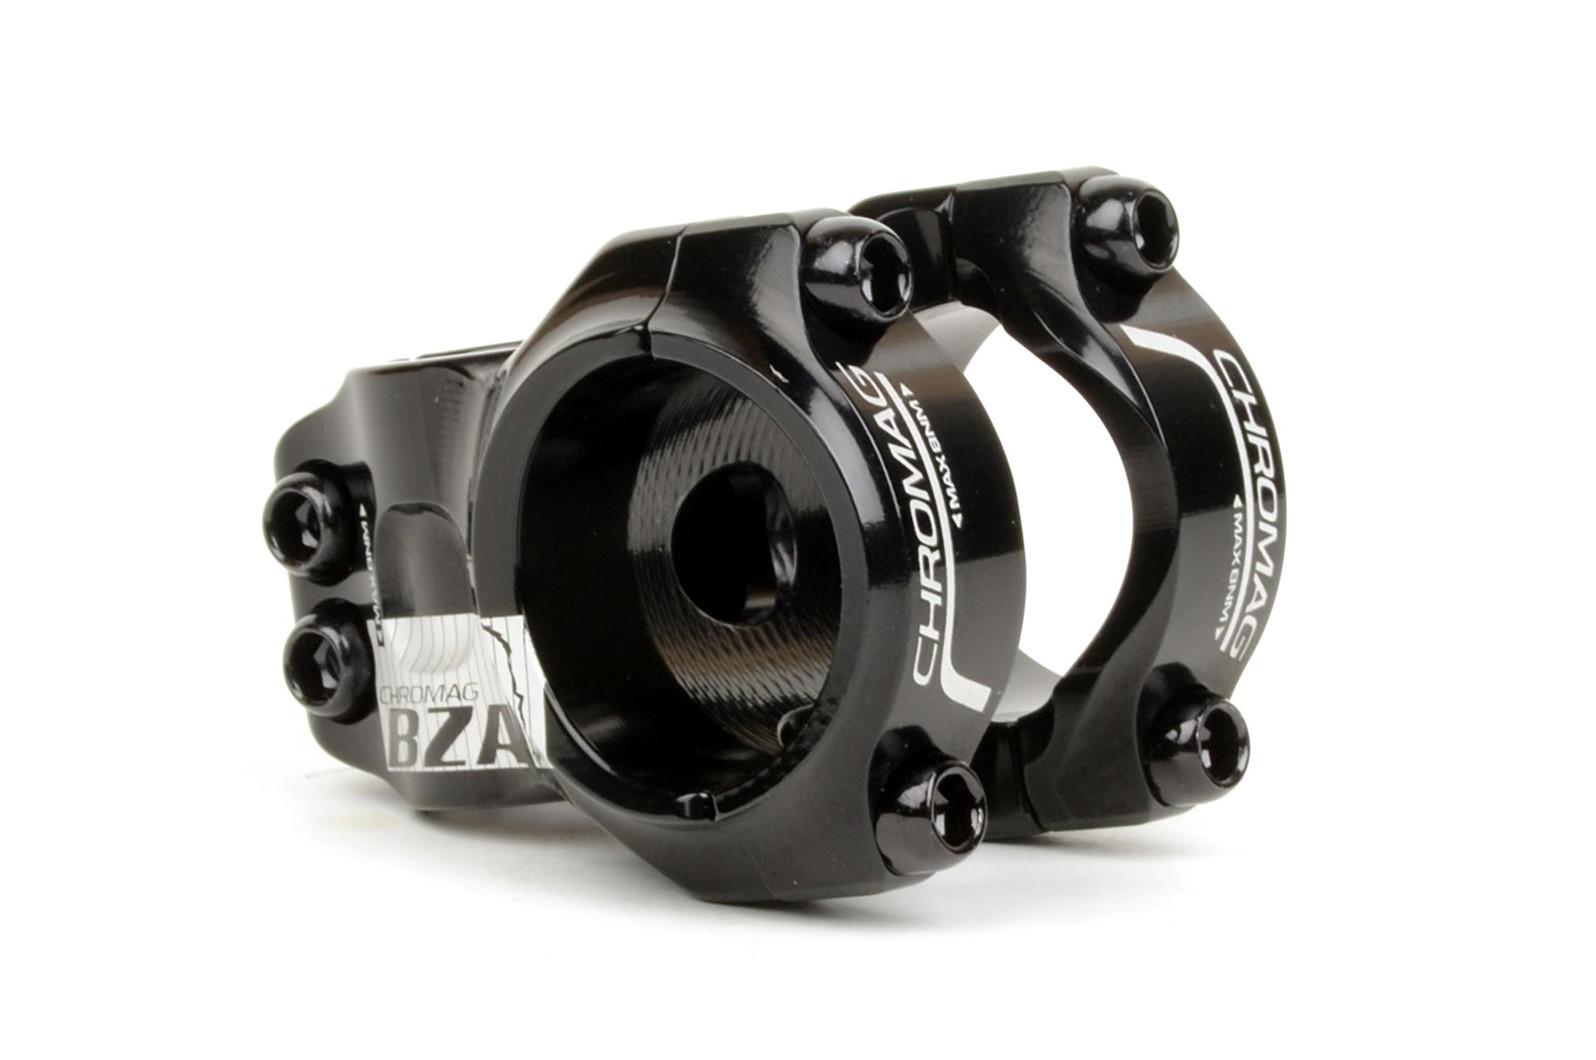 Chromag BZA 35 Stem (black)